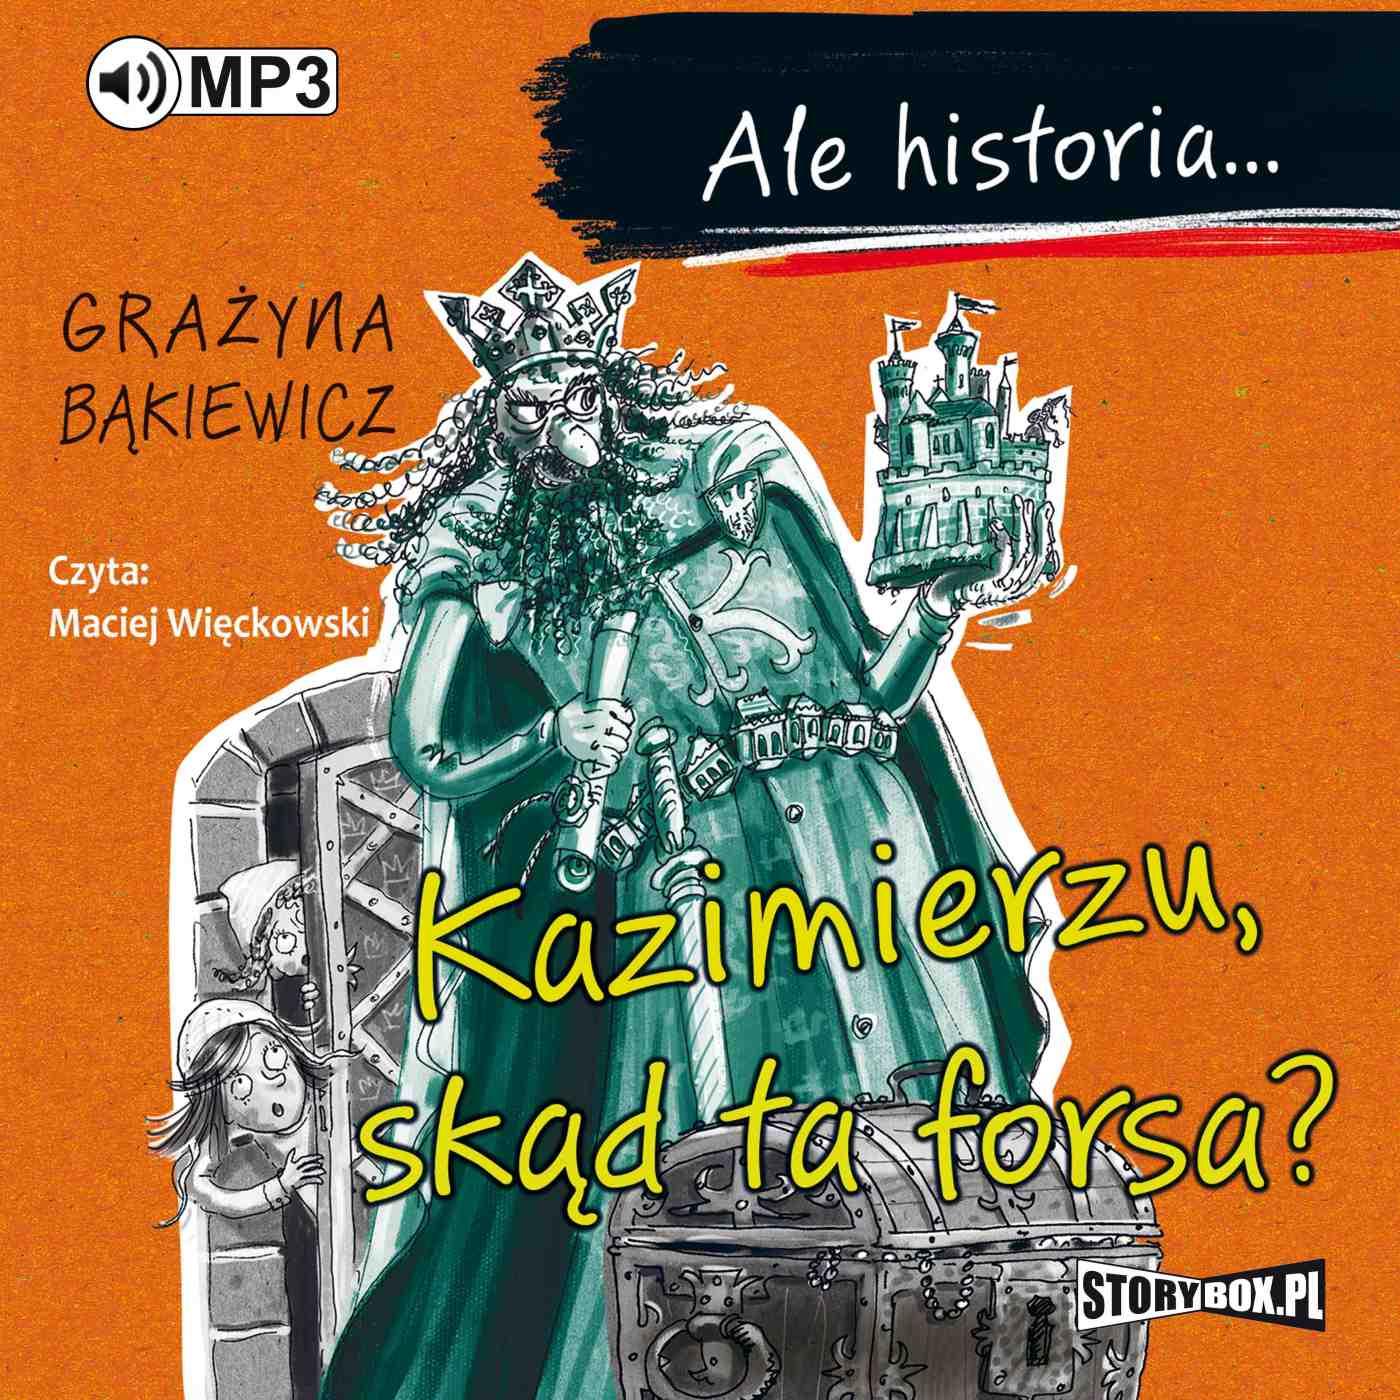 Ale historia... Kazimierzu, skąd ta forsa? - Audiobook (Książka audio MP3) do pobrania w całości w archiwum ZIP